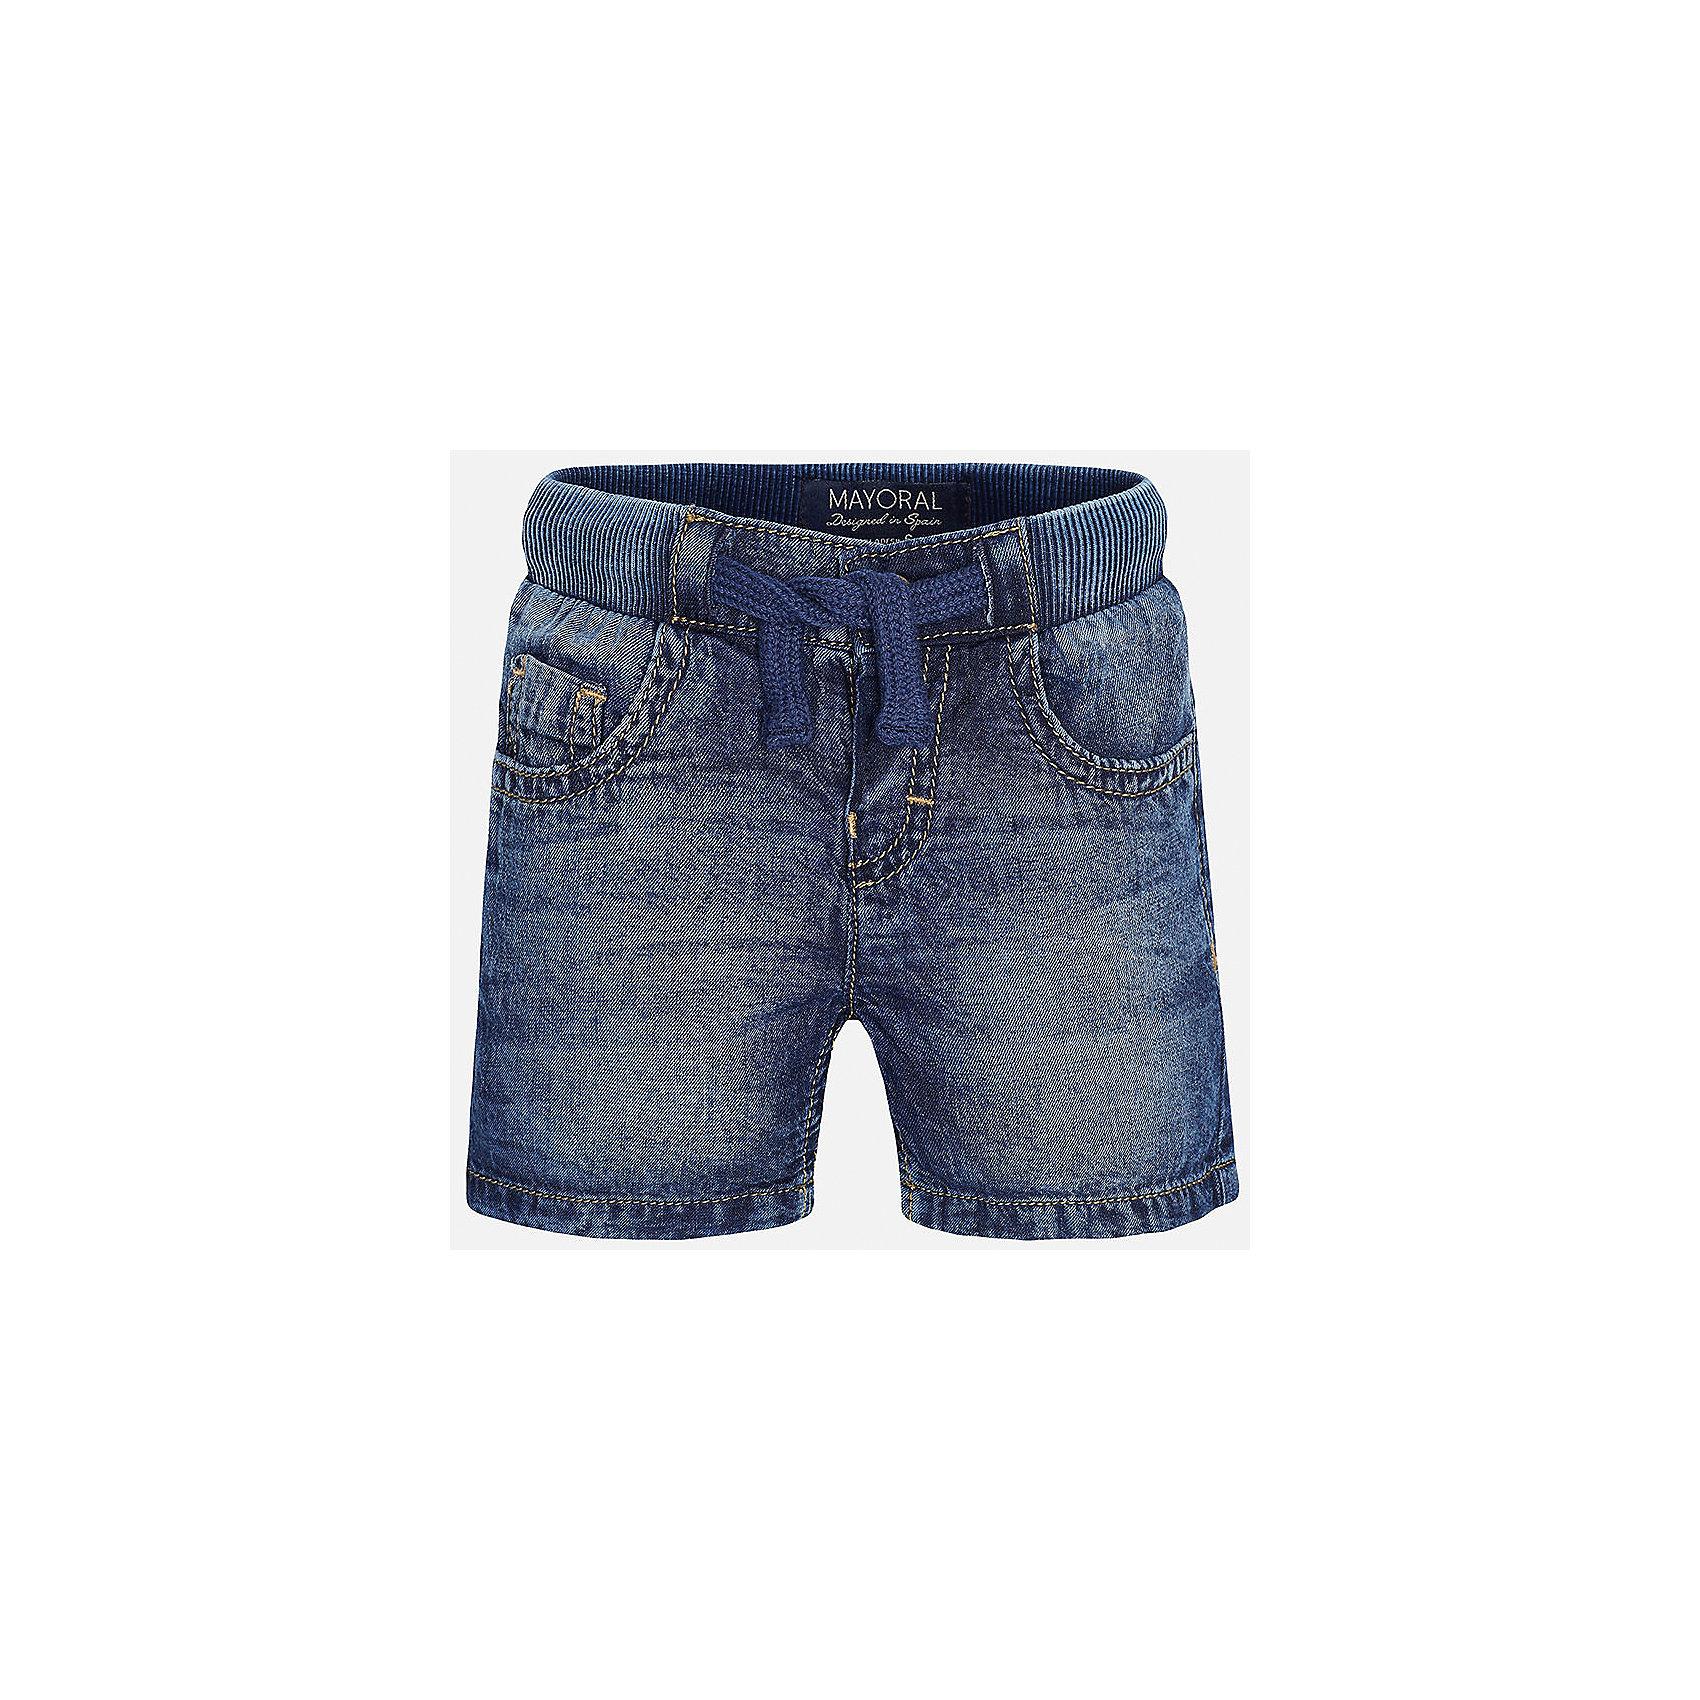 Бриджи джинсовые для мальчика MayoralШорты и бриджи<br>Характеристики товара:<br><br>• цвет: синий<br>• состав: 100% хлопок<br>• имитация потертостей<br>• мягкая резинка на талии<br>• карманы<br>• пояс со шнурком<br>• классический силуэт<br>• страна бренда: Испания<br><br>Модные бриджи для мальчика смогут стать базовой вещью в гардеробе ребенка. Они отлично сочетаются с майками, футболками, рубашками и т.д. Универсальный крой и цвет позволяет подобрать к вещи верх разных расцветок. Практичное и стильное изделие! В составе материала - натуральный хлопок, гипоаллергенный, приятный на ощупь, дышащий.<br><br>Одежда, обувь и аксессуары от испанского бренда Mayoral полюбились детям и взрослым по всему миру. Модели этой марки - стильные и удобные. Для их производства используются только безопасные, качественные материалы и фурнитура. Порадуйте ребенка модными и красивыми вещами от Mayoral! <br><br>Бриджи для мальчика от испанского бренда Mayoral (Майорал) можно купить в нашем интернет-магазине.<br><br>Ширина мм: 191<br>Глубина мм: 10<br>Высота мм: 175<br>Вес г: 273<br>Цвет: синий<br>Возраст от месяцев: 12<br>Возраст до месяцев: 15<br>Пол: Мужской<br>Возраст: Детский<br>Размер: 80,92,86<br>SKU: 5277851